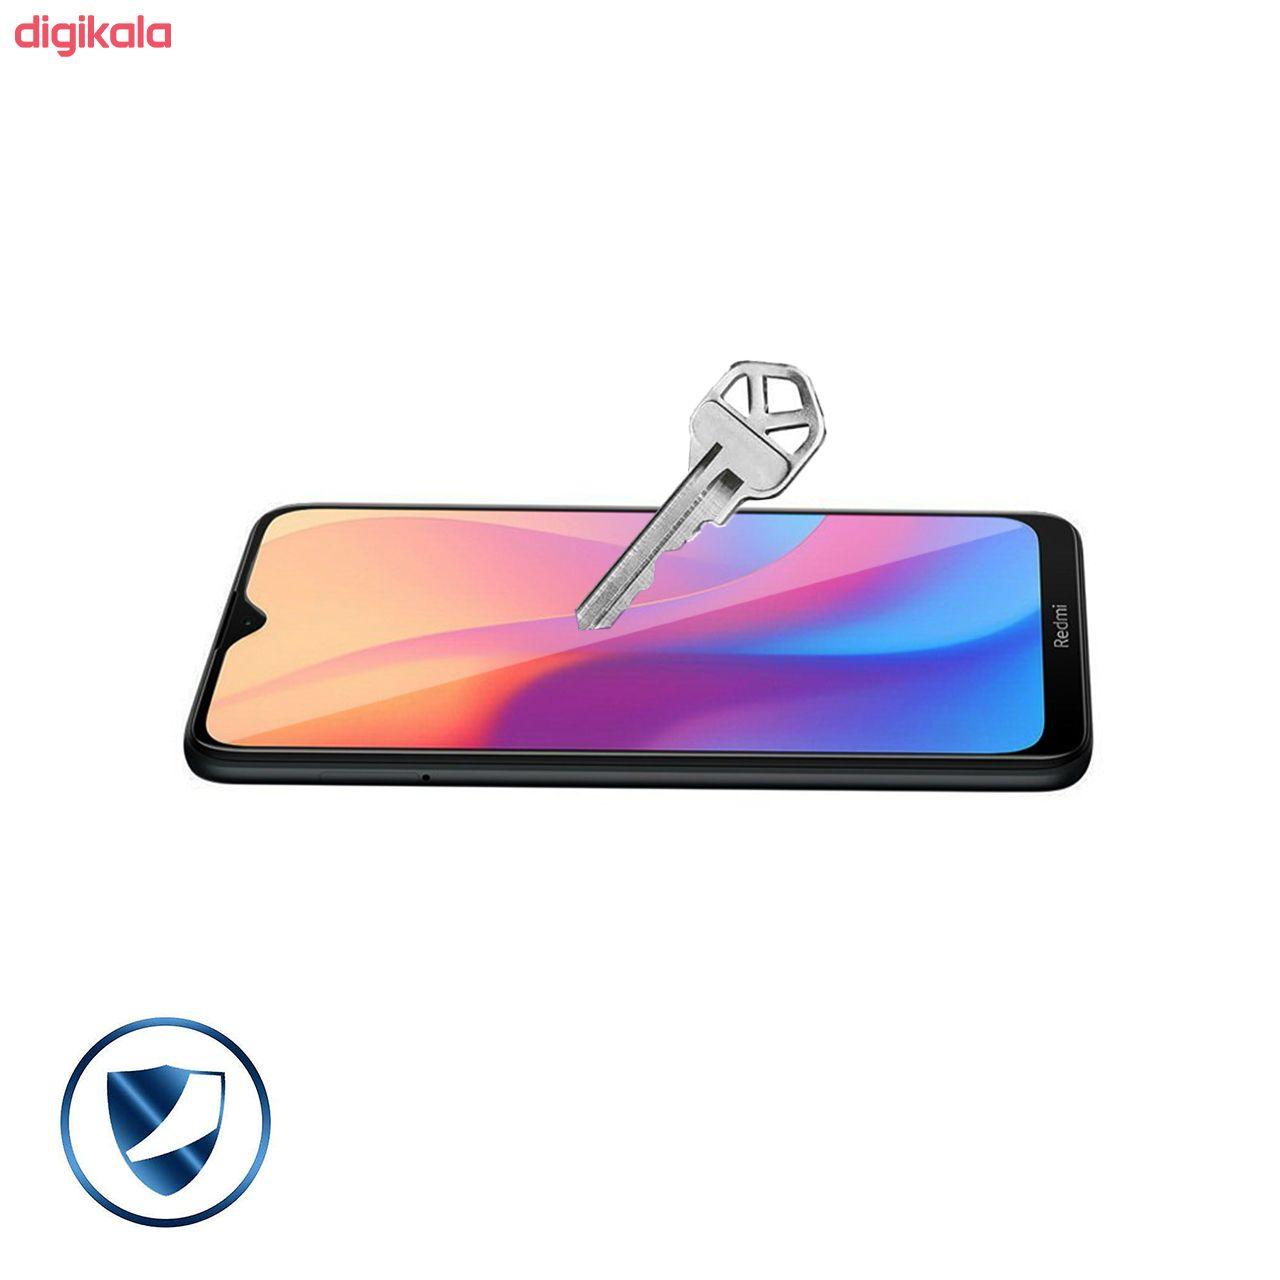 محافظ صفحه نمایش سیحان مدل FG مناسب برای گوشی موبایل شیائومی Redmi 9 main 1 5